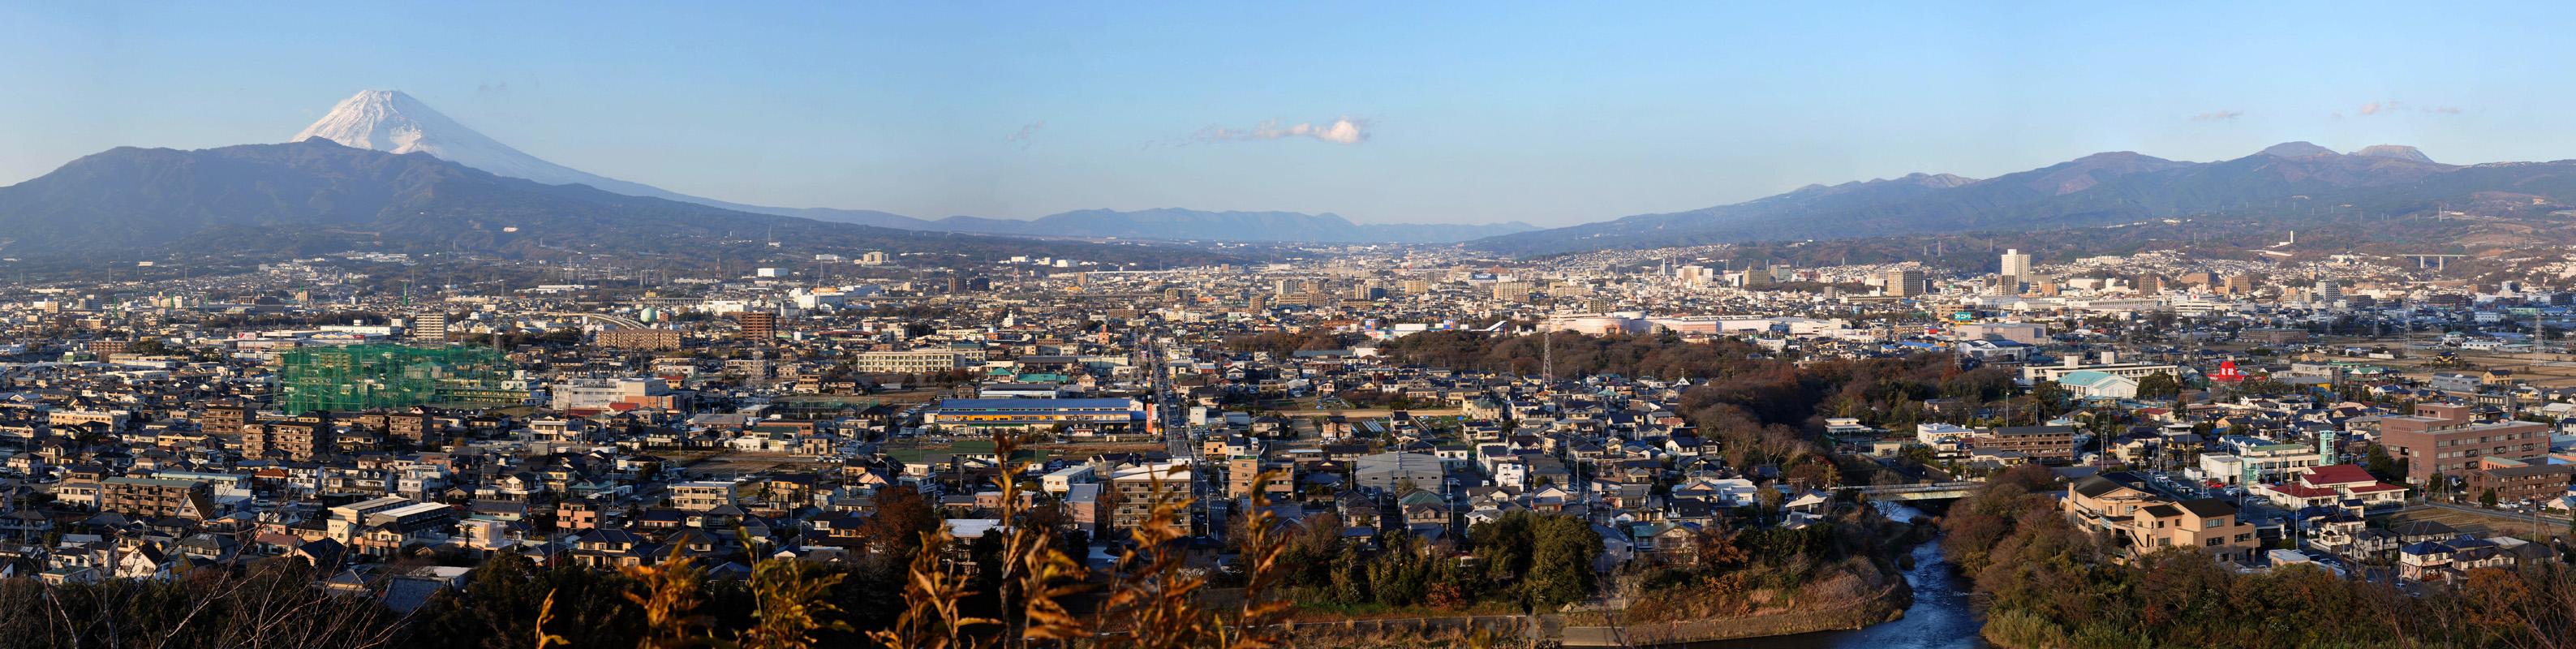 本城山  CC BY-SA